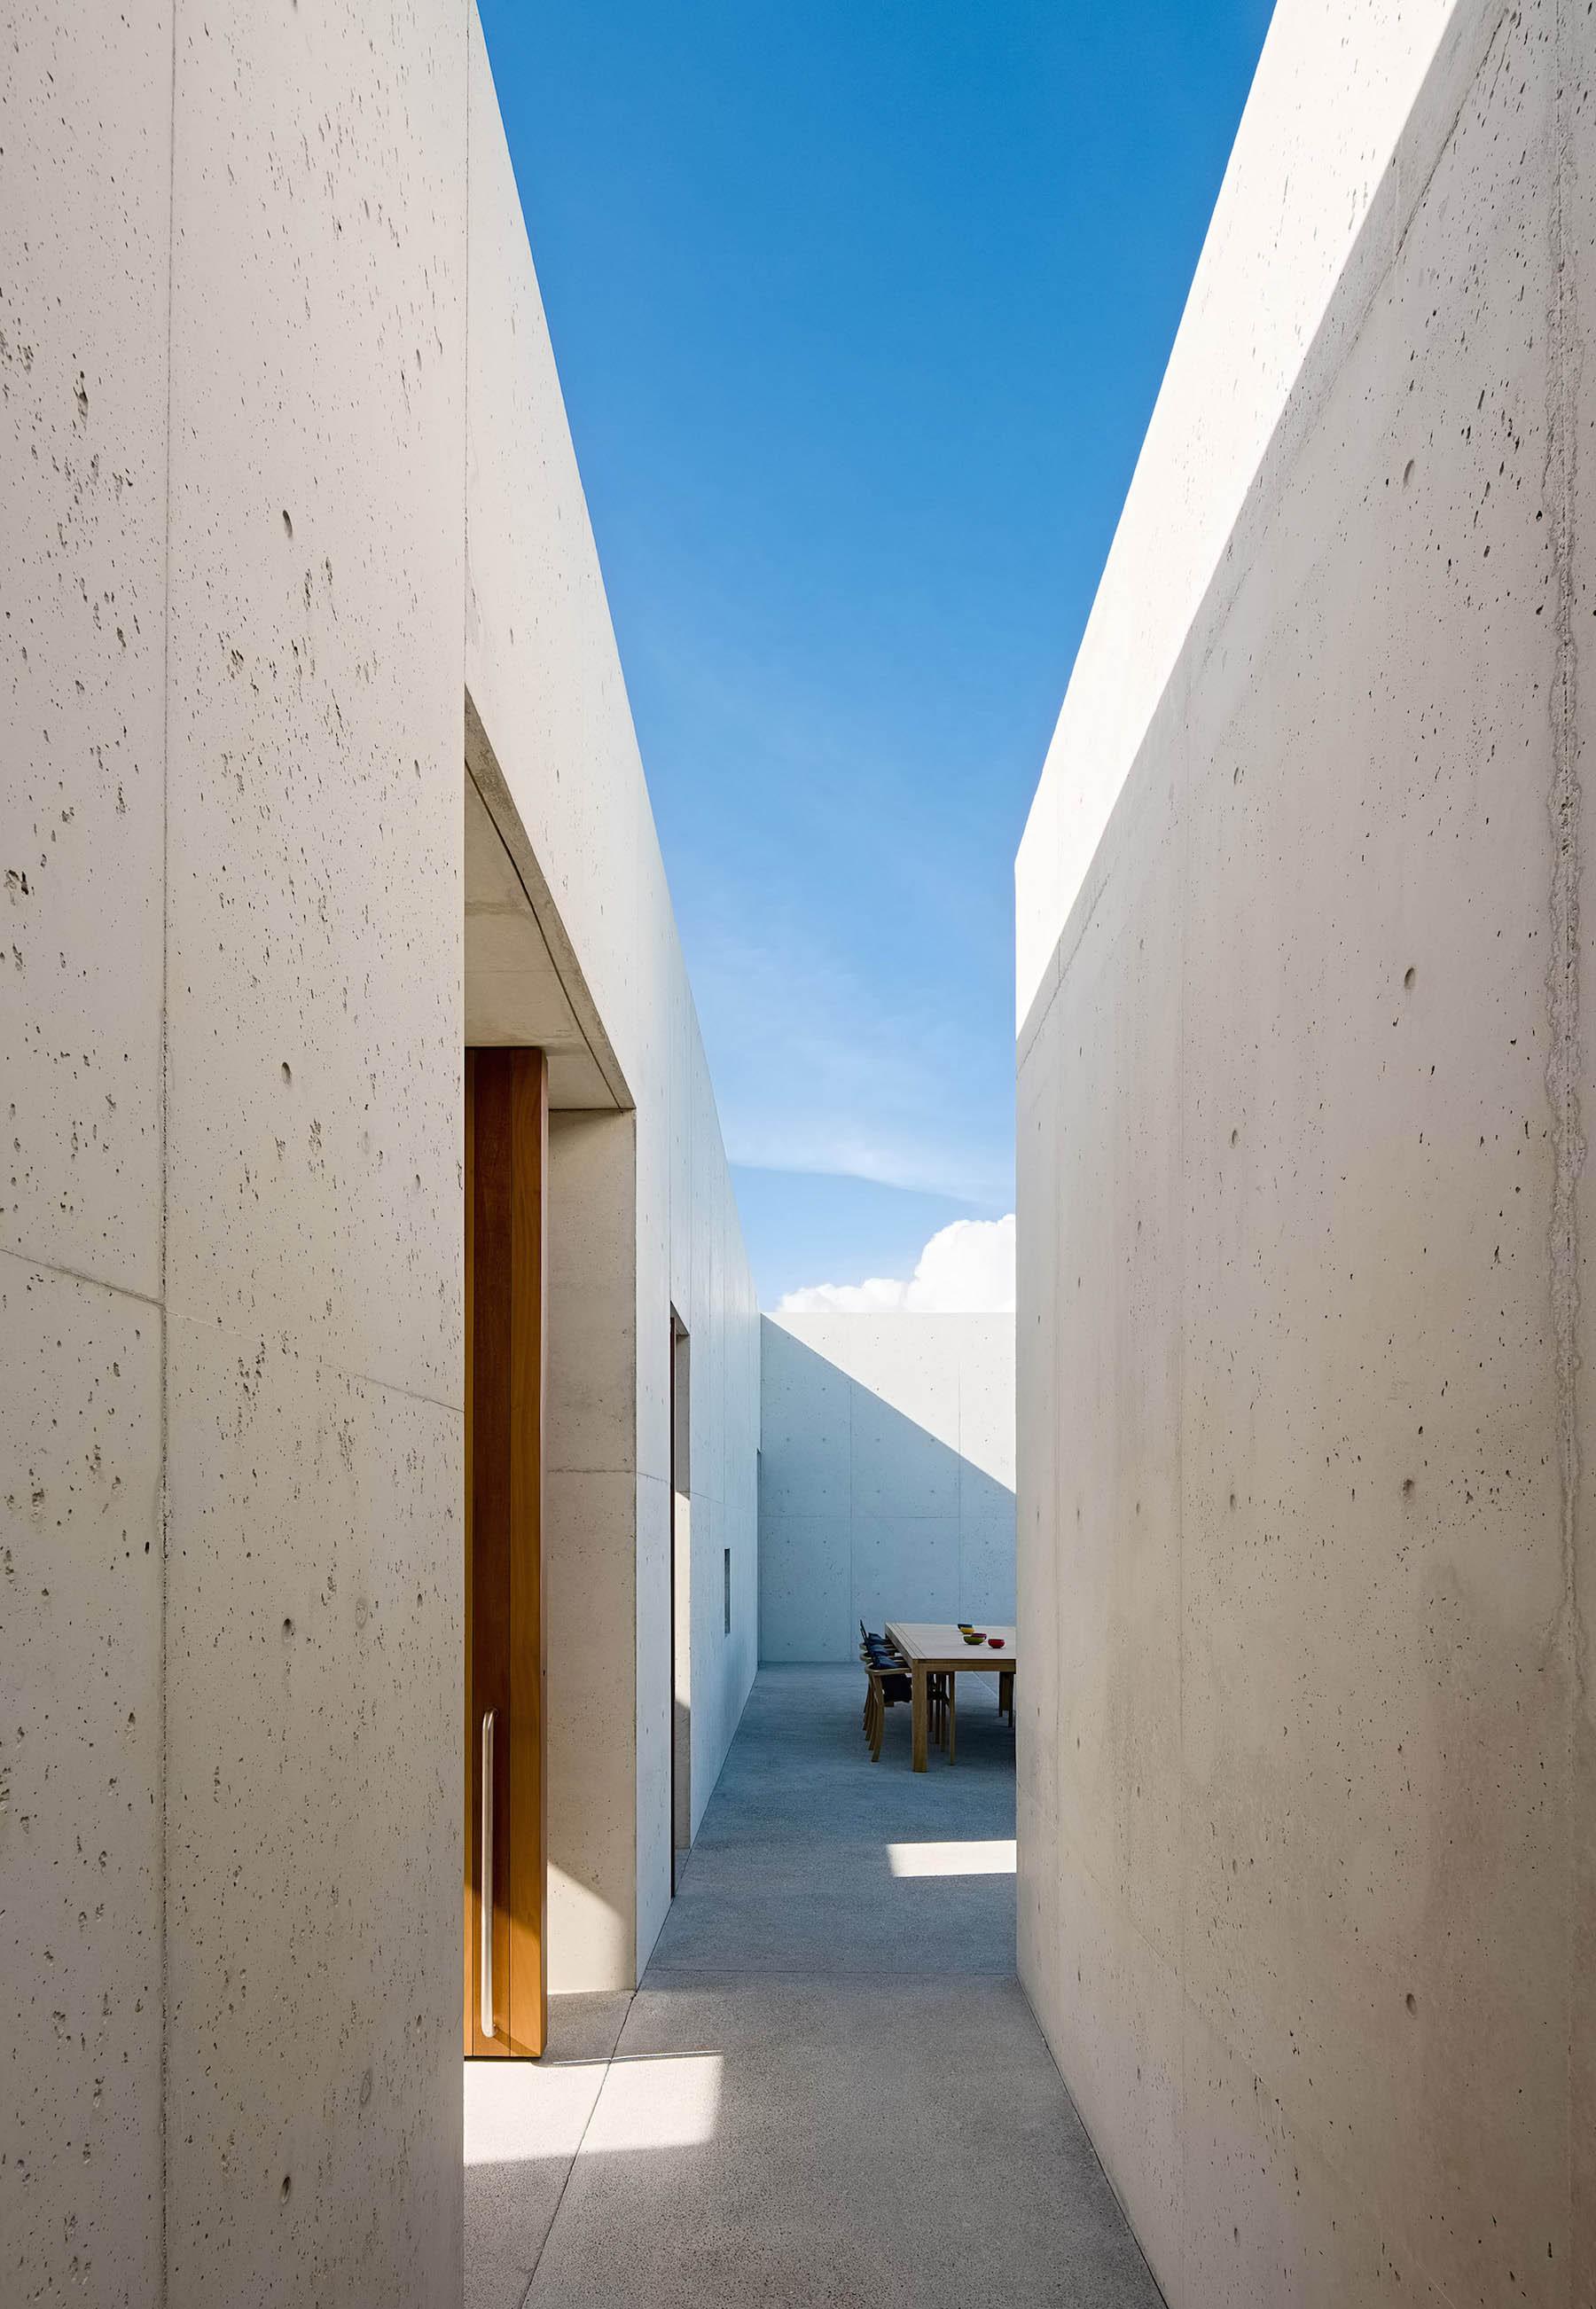 iGNANT-Architecture-Rick-Joy-Architects-La-Cabanon-22